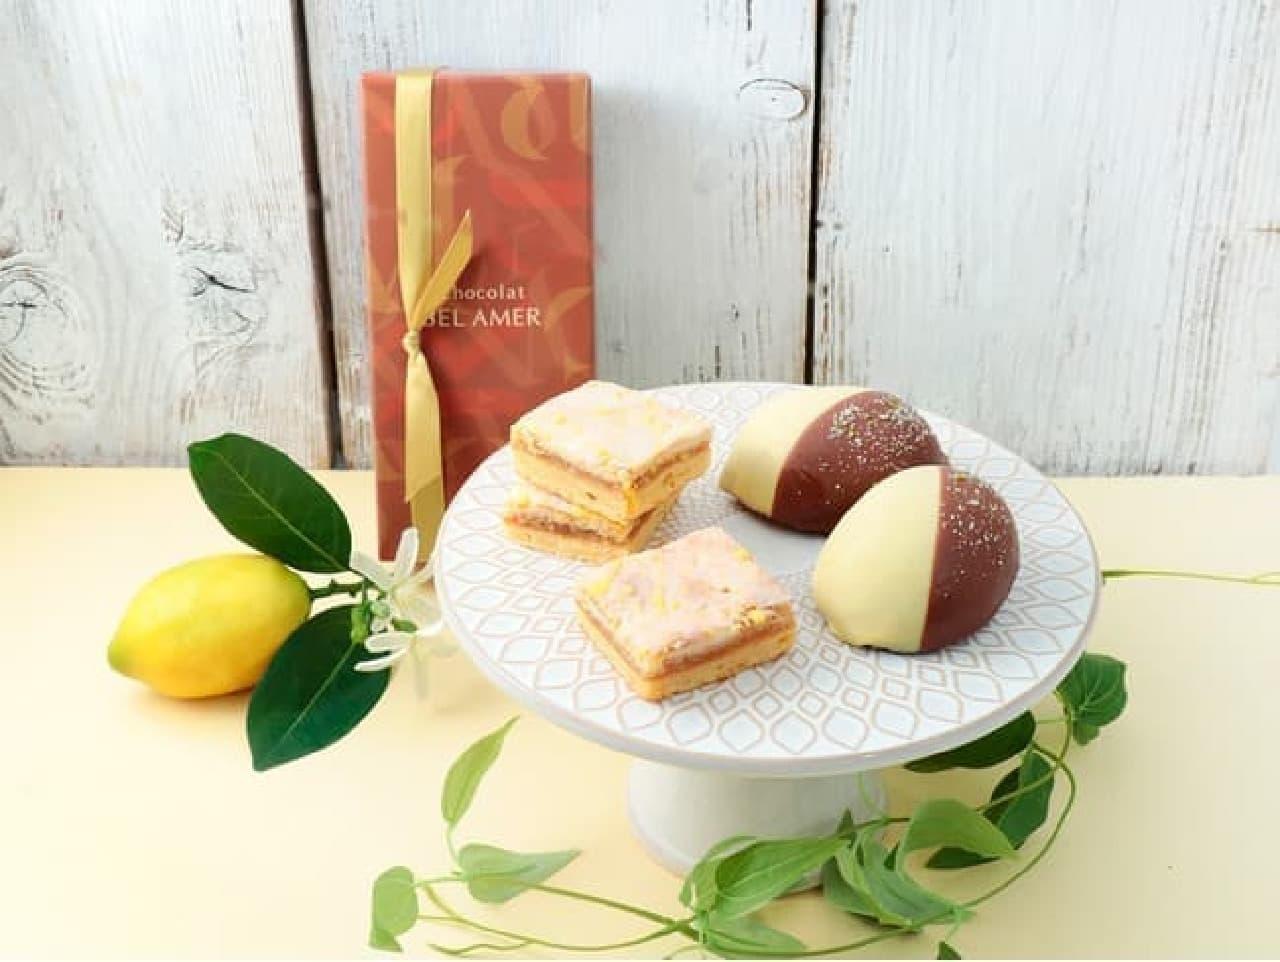 ベルアメール「レモンチーズケーキ 5コ」「レモンケーキアソート」